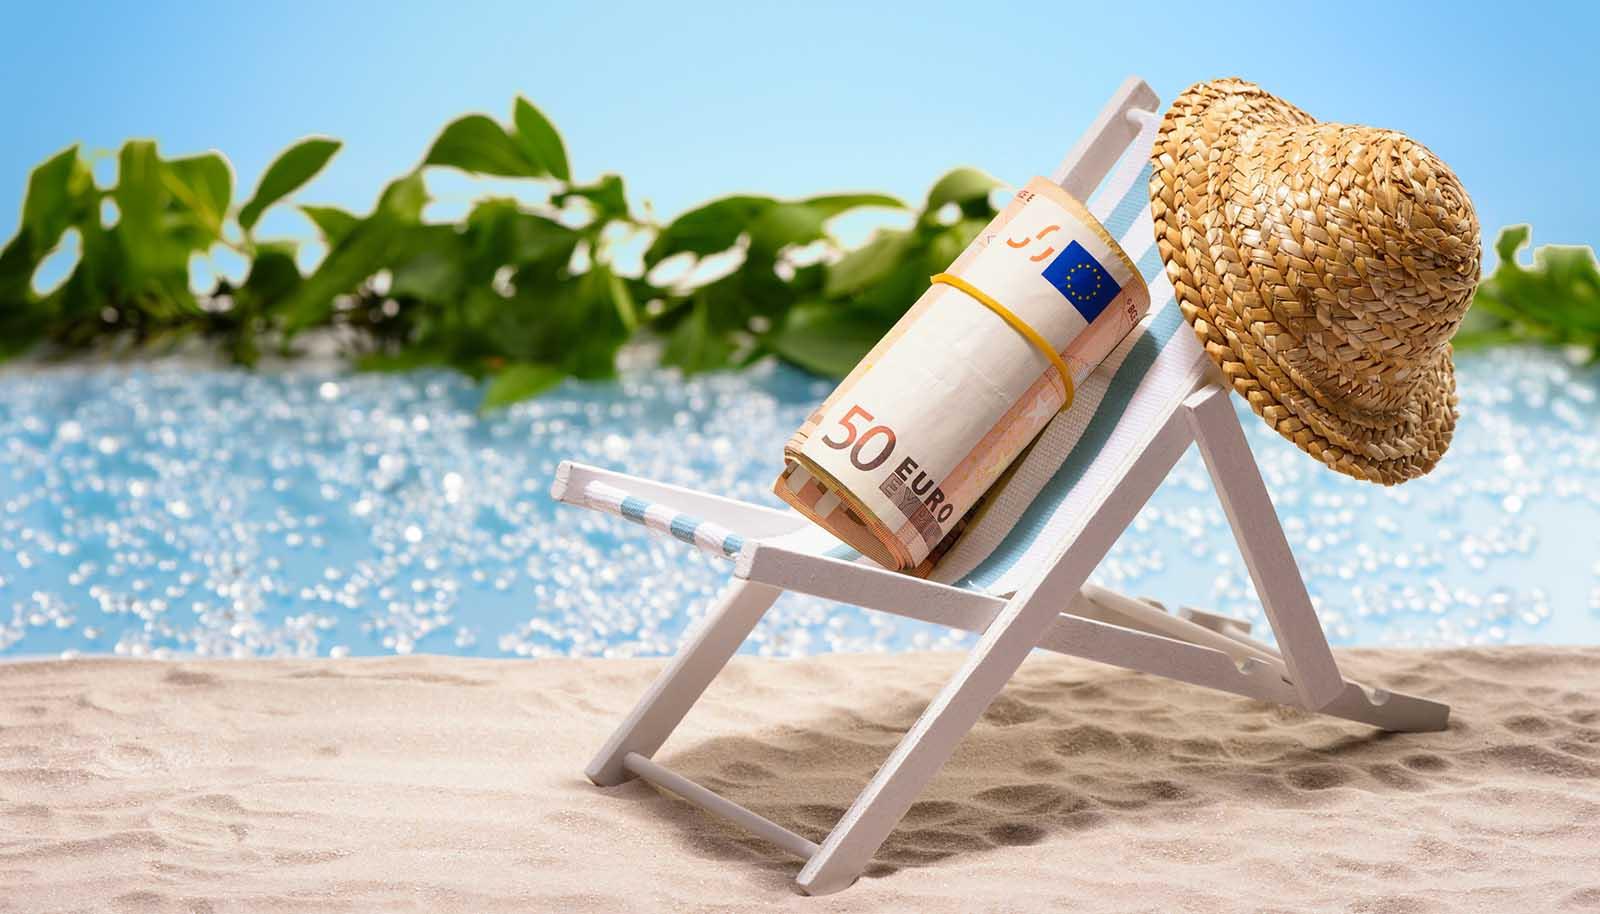 Fideiussione bancaria per visto turistico Magliana - La soluzione migliore, rispetto a quella bancaria e a quella di istituti finanziari.